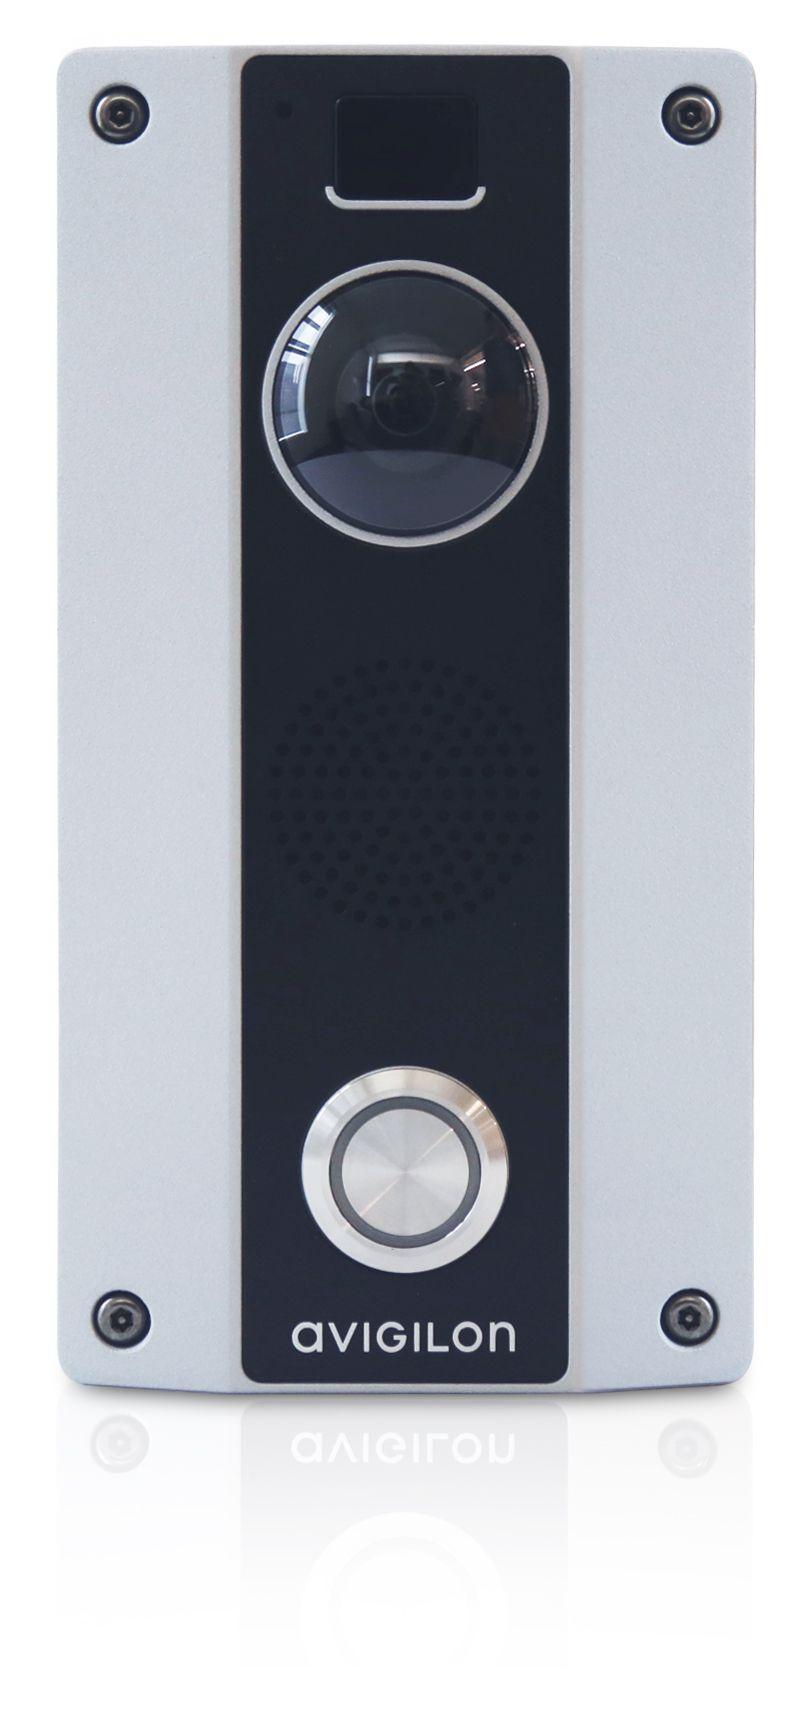 Avigilon H4 Video Intercom with 3MP Camera